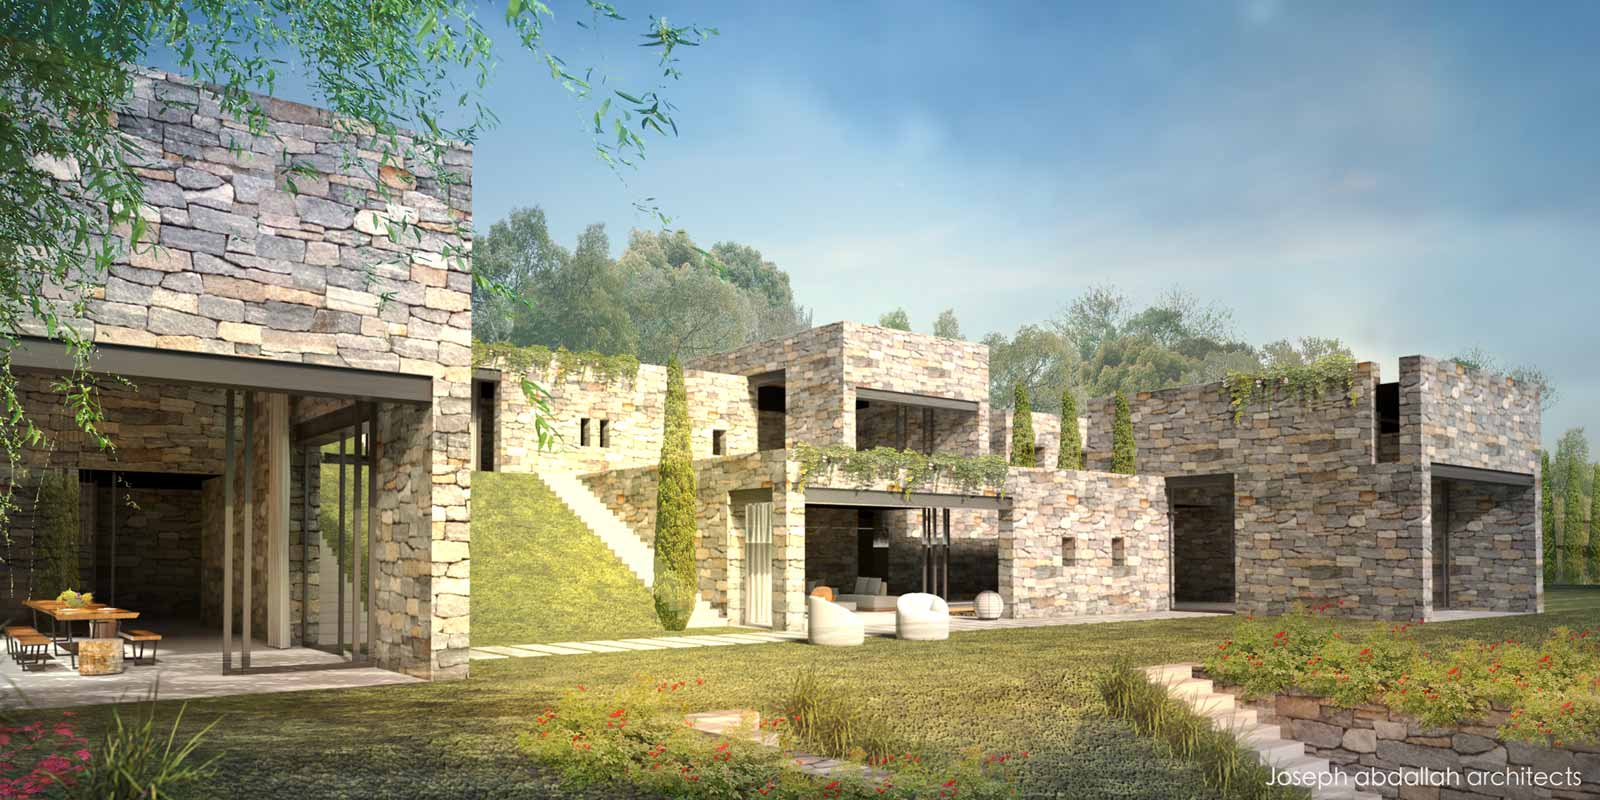 ejbeh-domaine-architecture-villa-lebanon-joseph-abdallah-architects-2